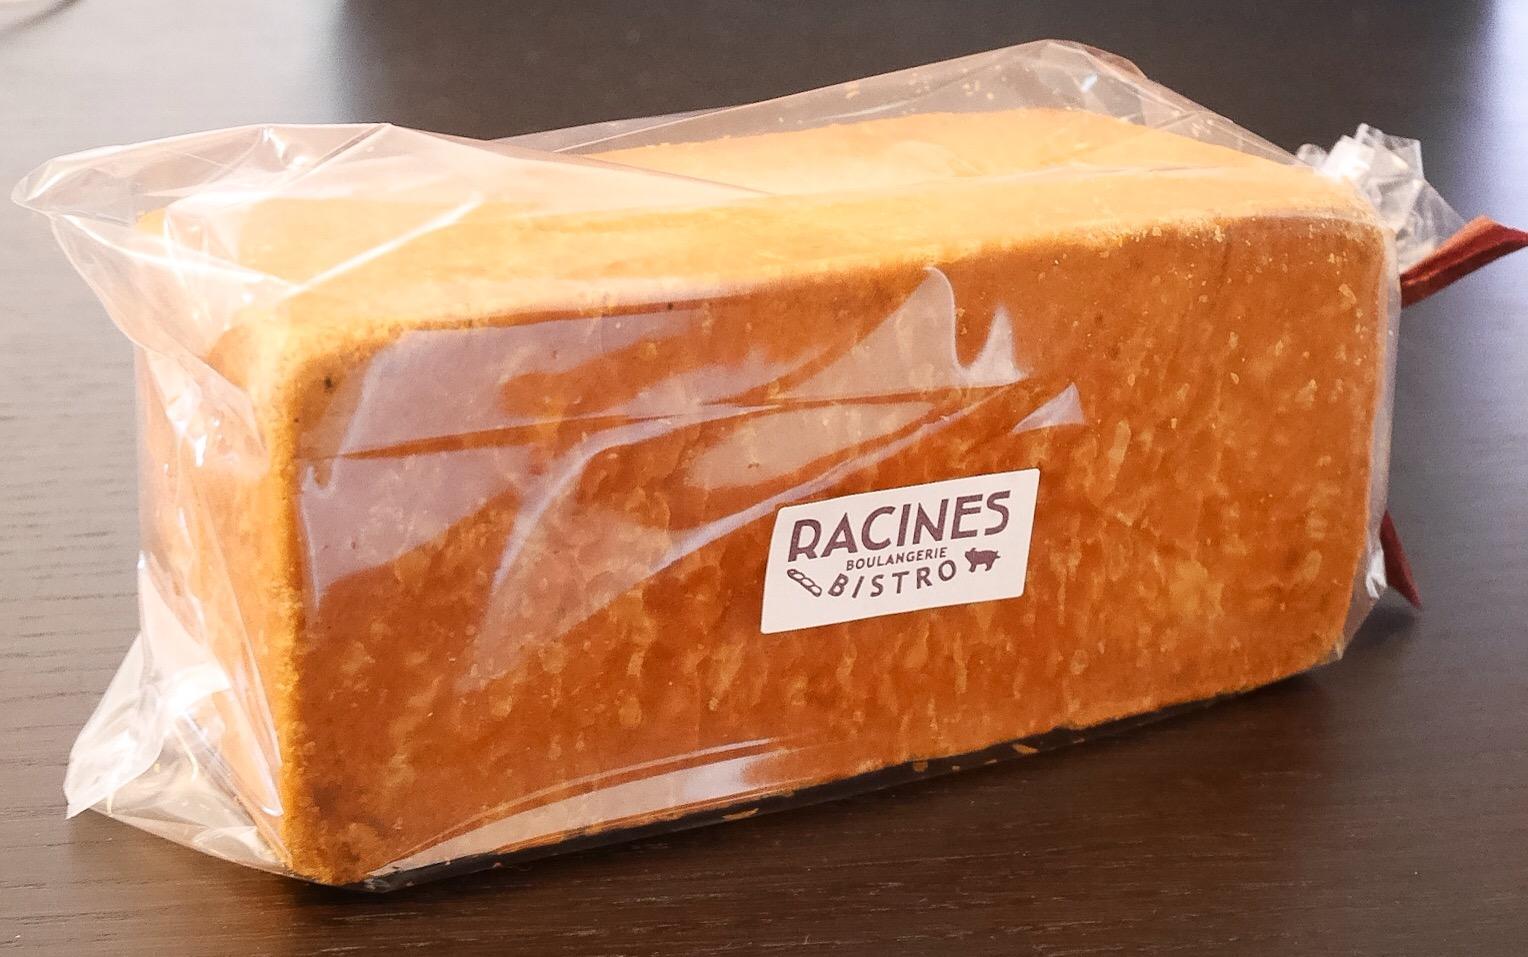 池袋のRACINES:ラシーヌは何度も行きたいパンとビストロのお店♪